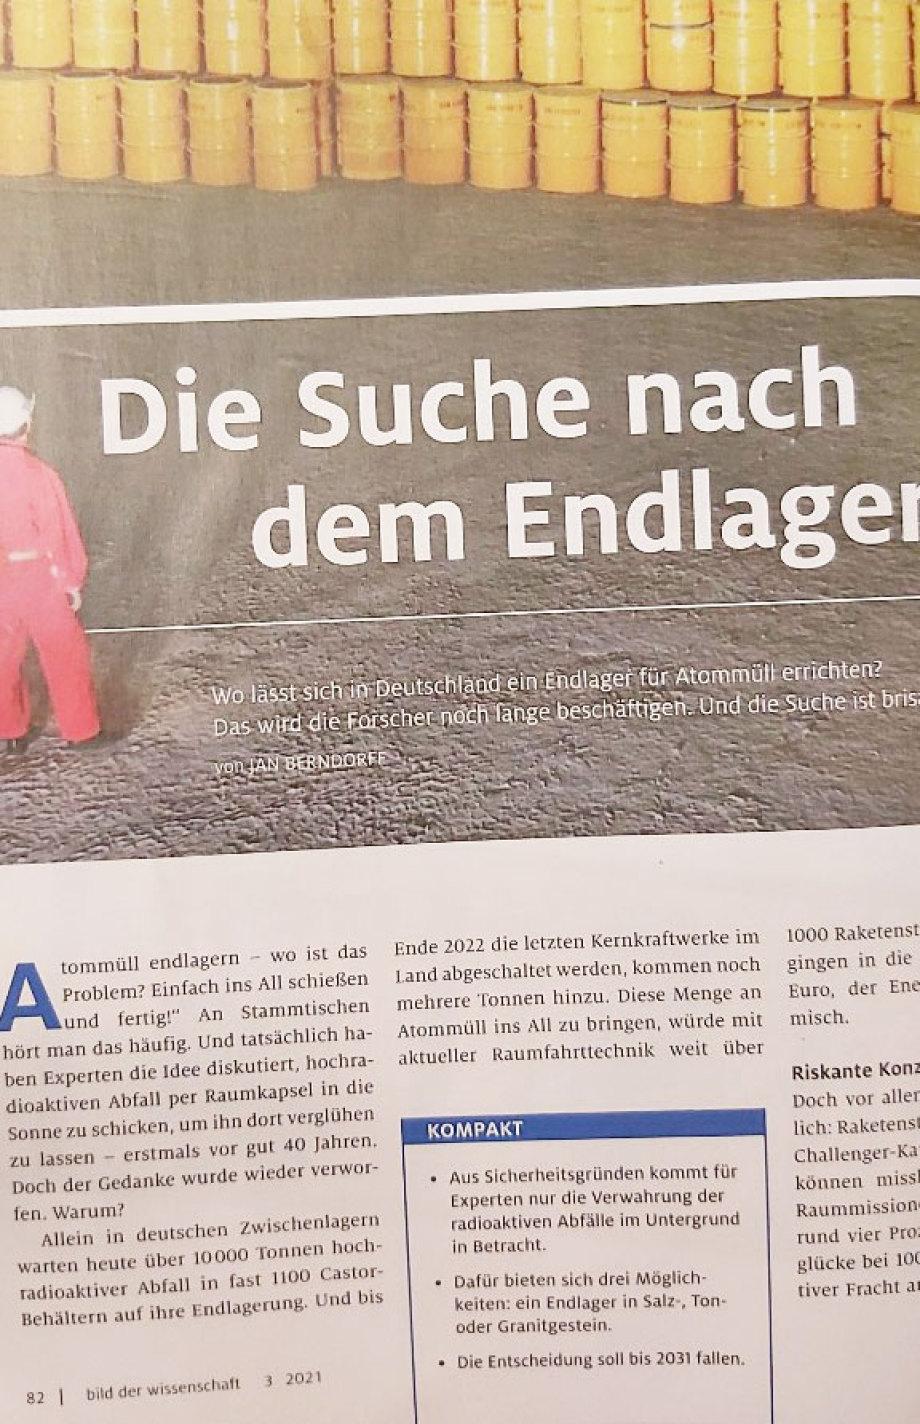 BILD - Zeitung - hier die popularwissenschaftliche Version